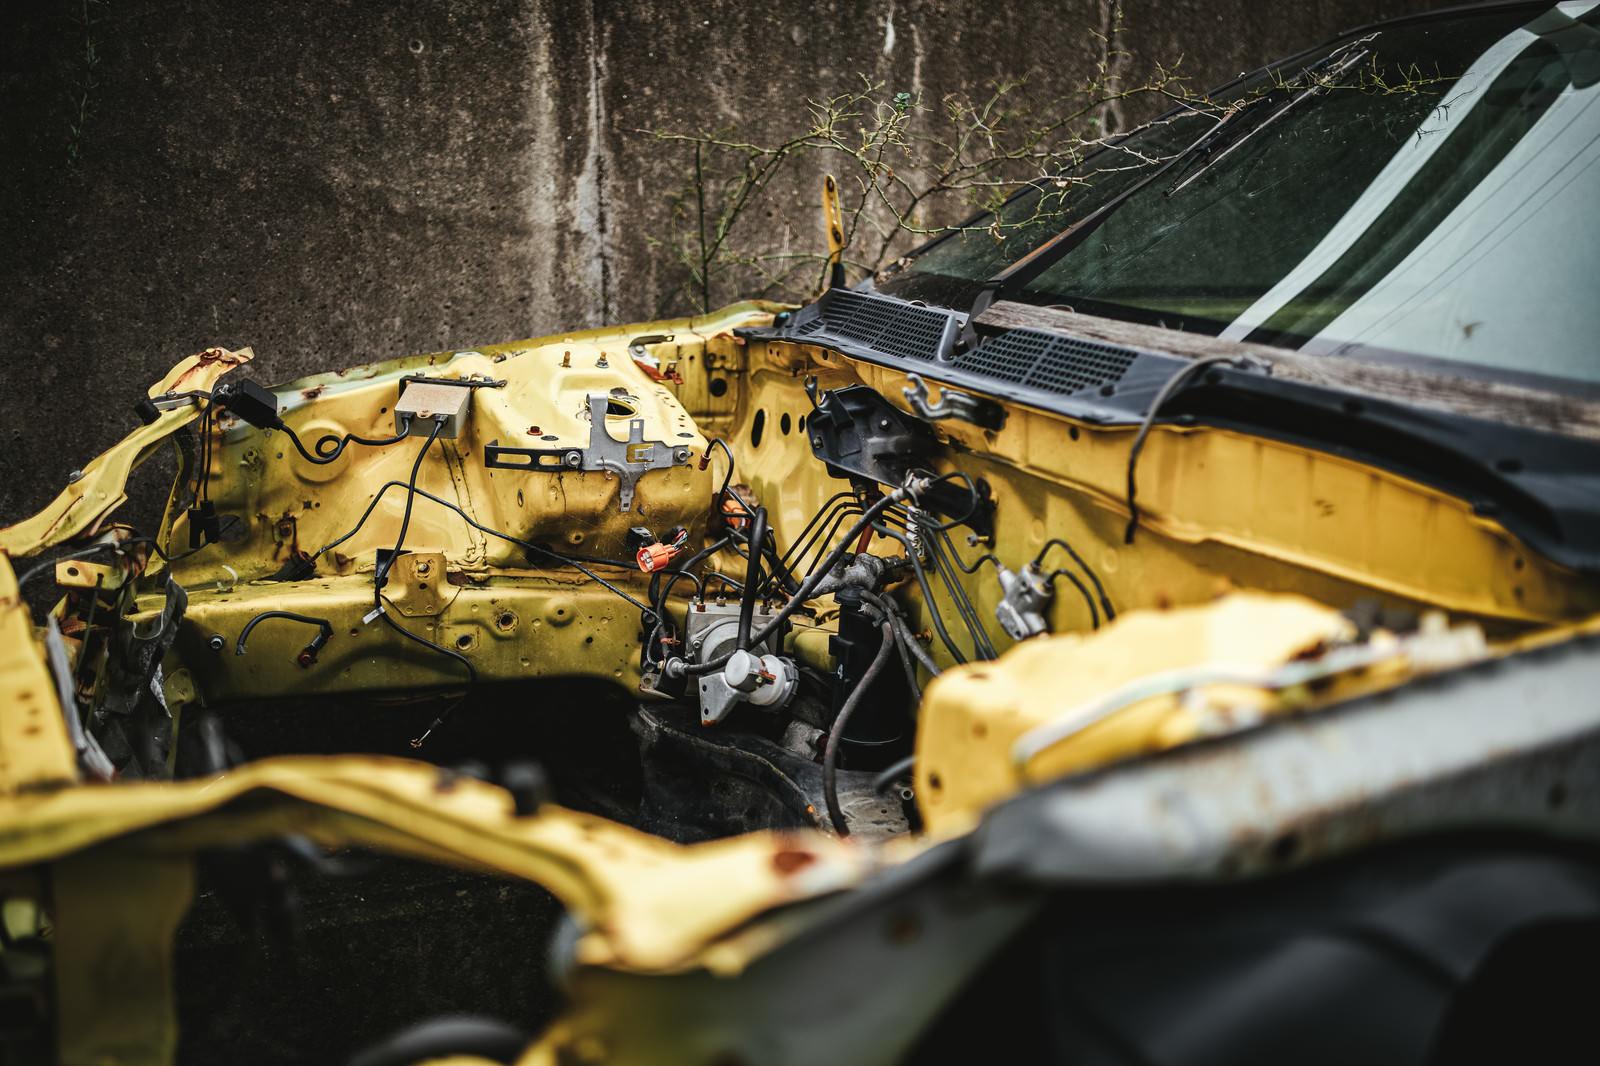 「フレームのみ残された廃車」の写真